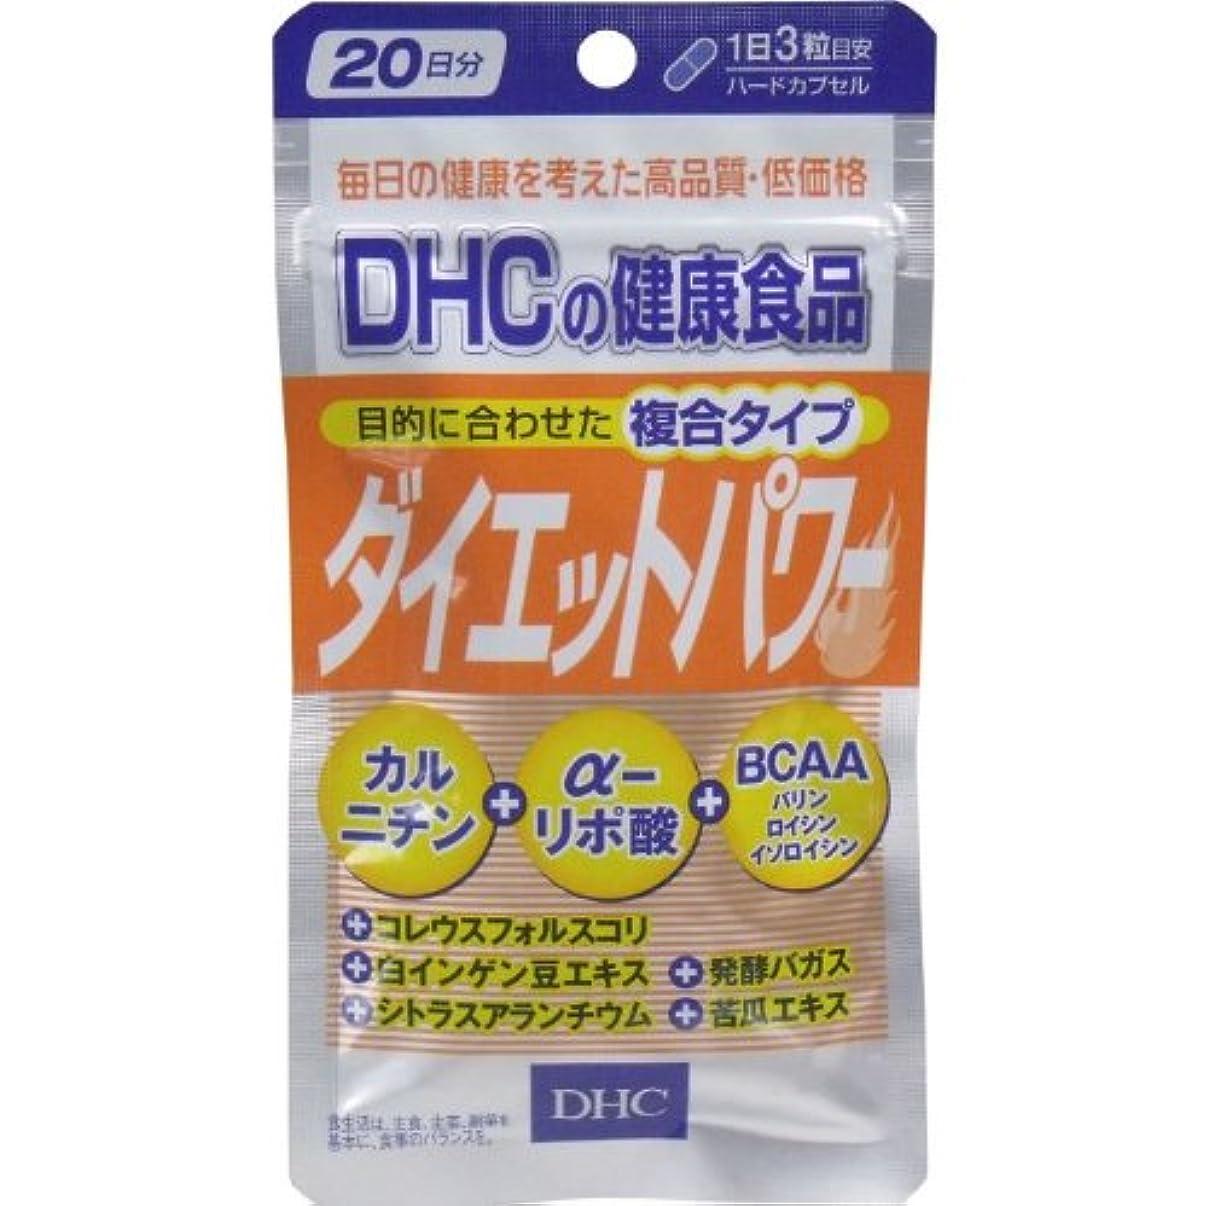 ドラゴン川地域のDHC ダイエットパワー 60粒入 20日分「4点セット」